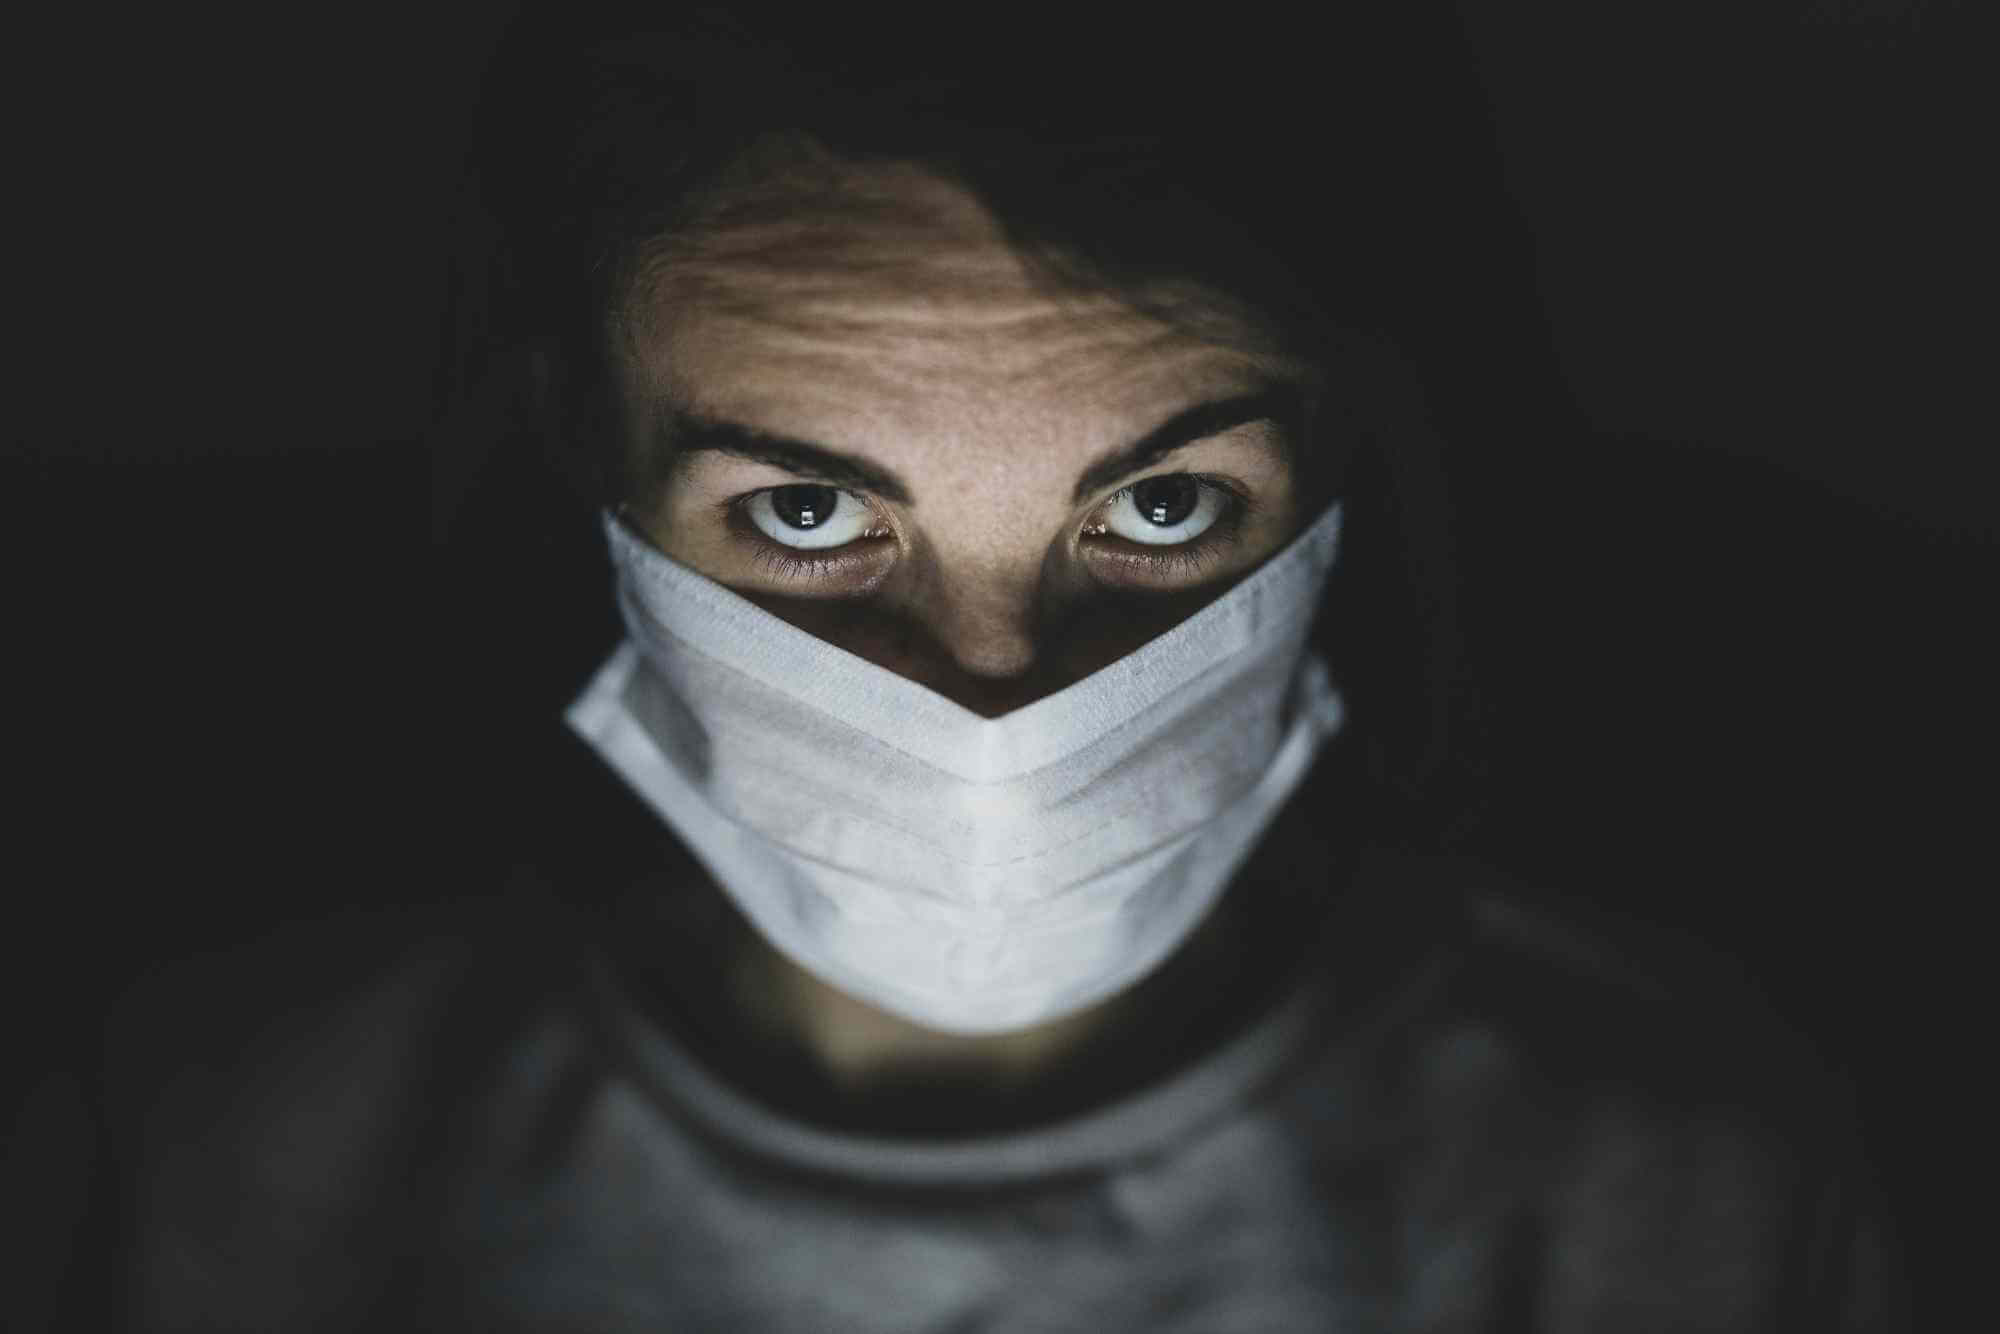 COVID-19 - Man wearing mask